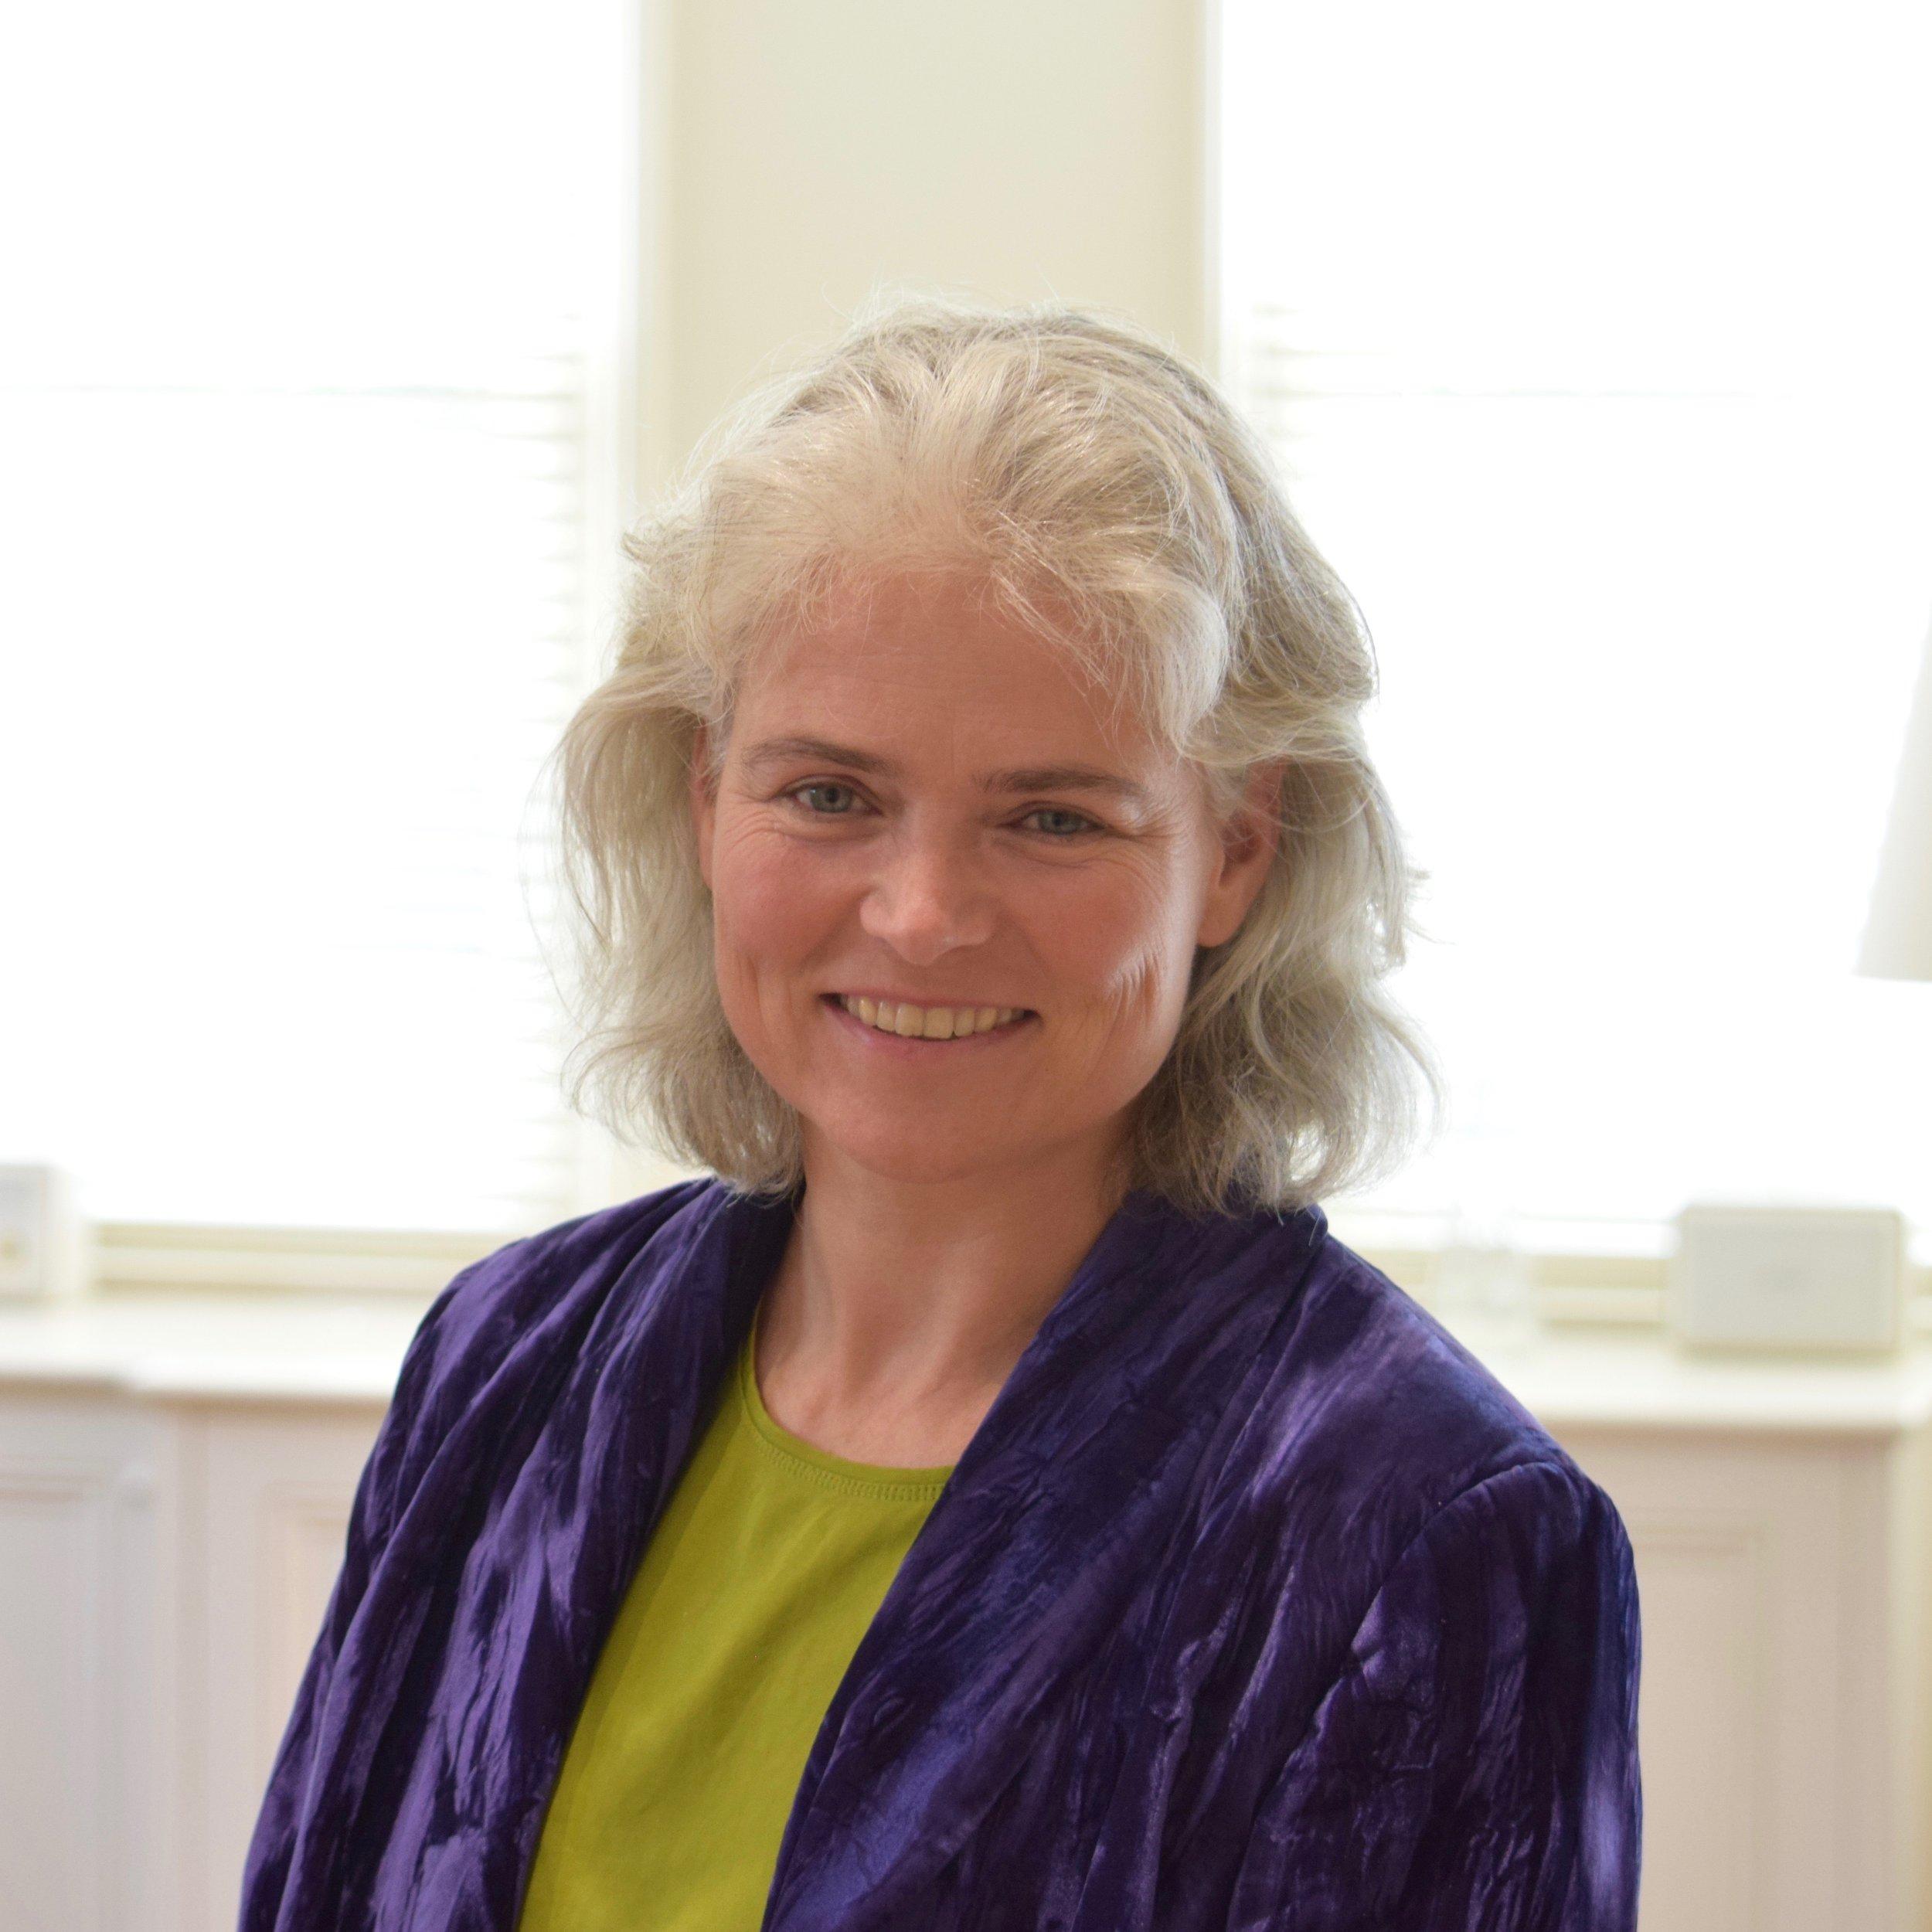 Lisa Vos - Associate